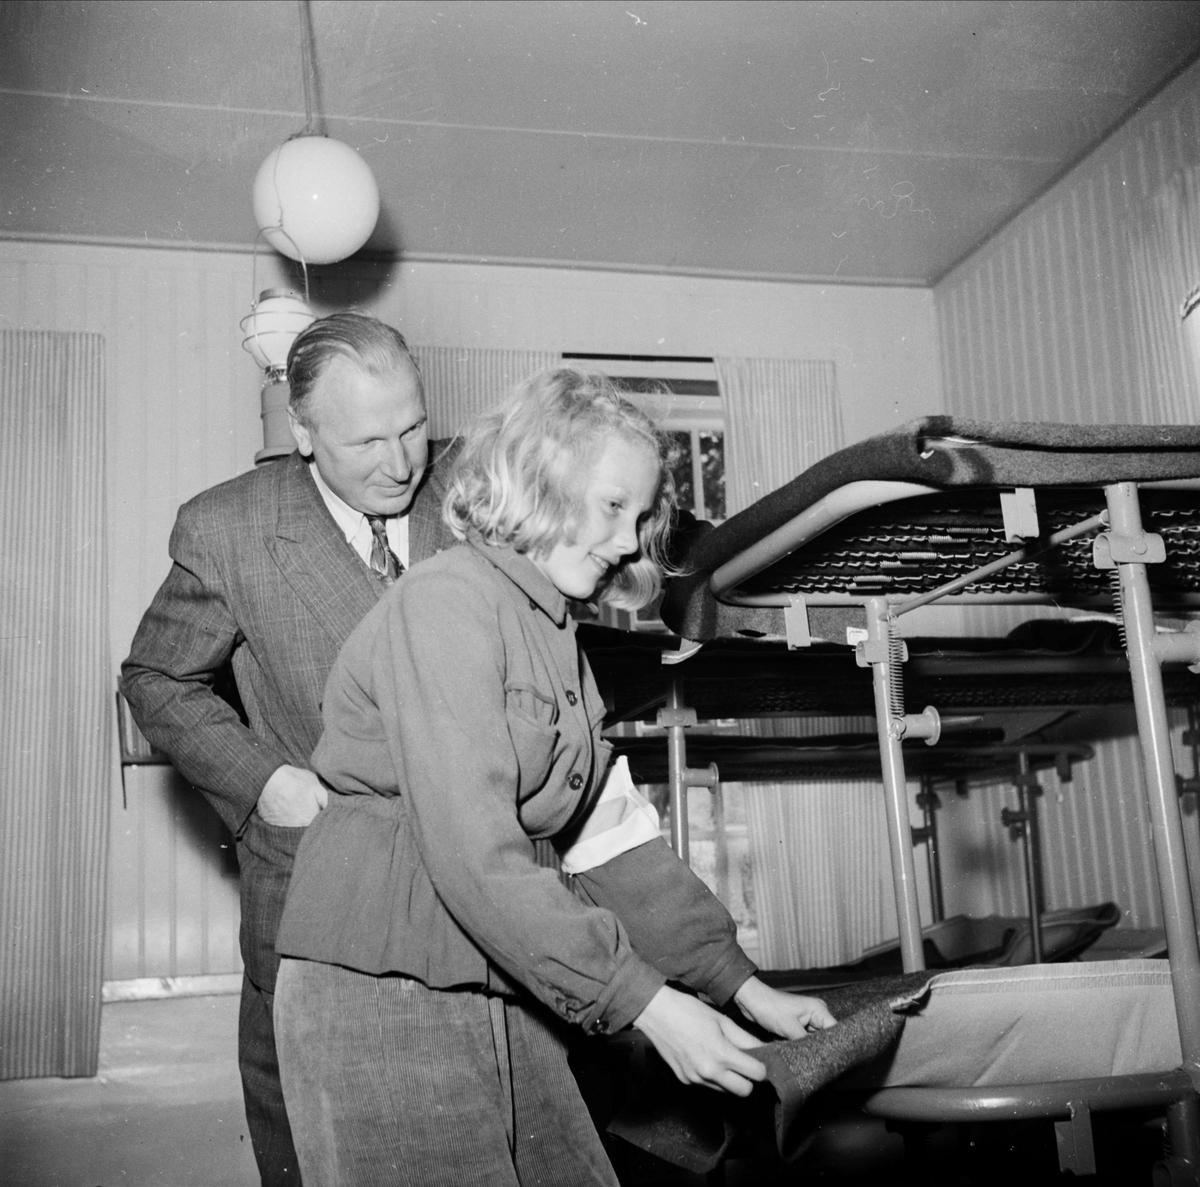 Byrådirektör Herman Löfgren i civilförsvarsstyrelsen ser på när Birgitta Tegelberg bäddar sin säng i skolinternatet, Kyrkskolan i Vendel